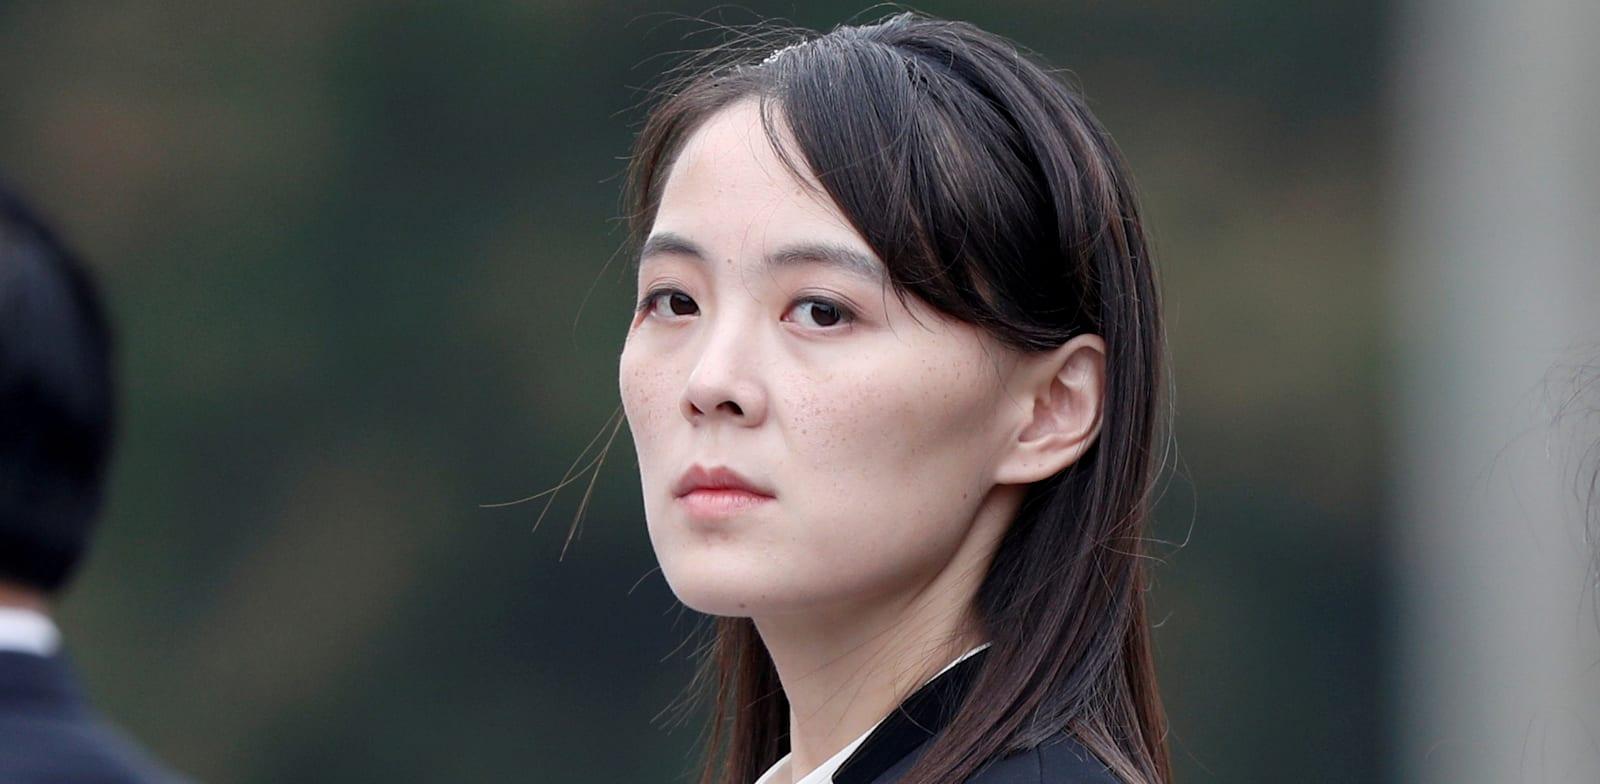 קים יו-ג'ונג, אחותו של שליט צפון קוריאה / צילום: Reuters, חורחה סילבה